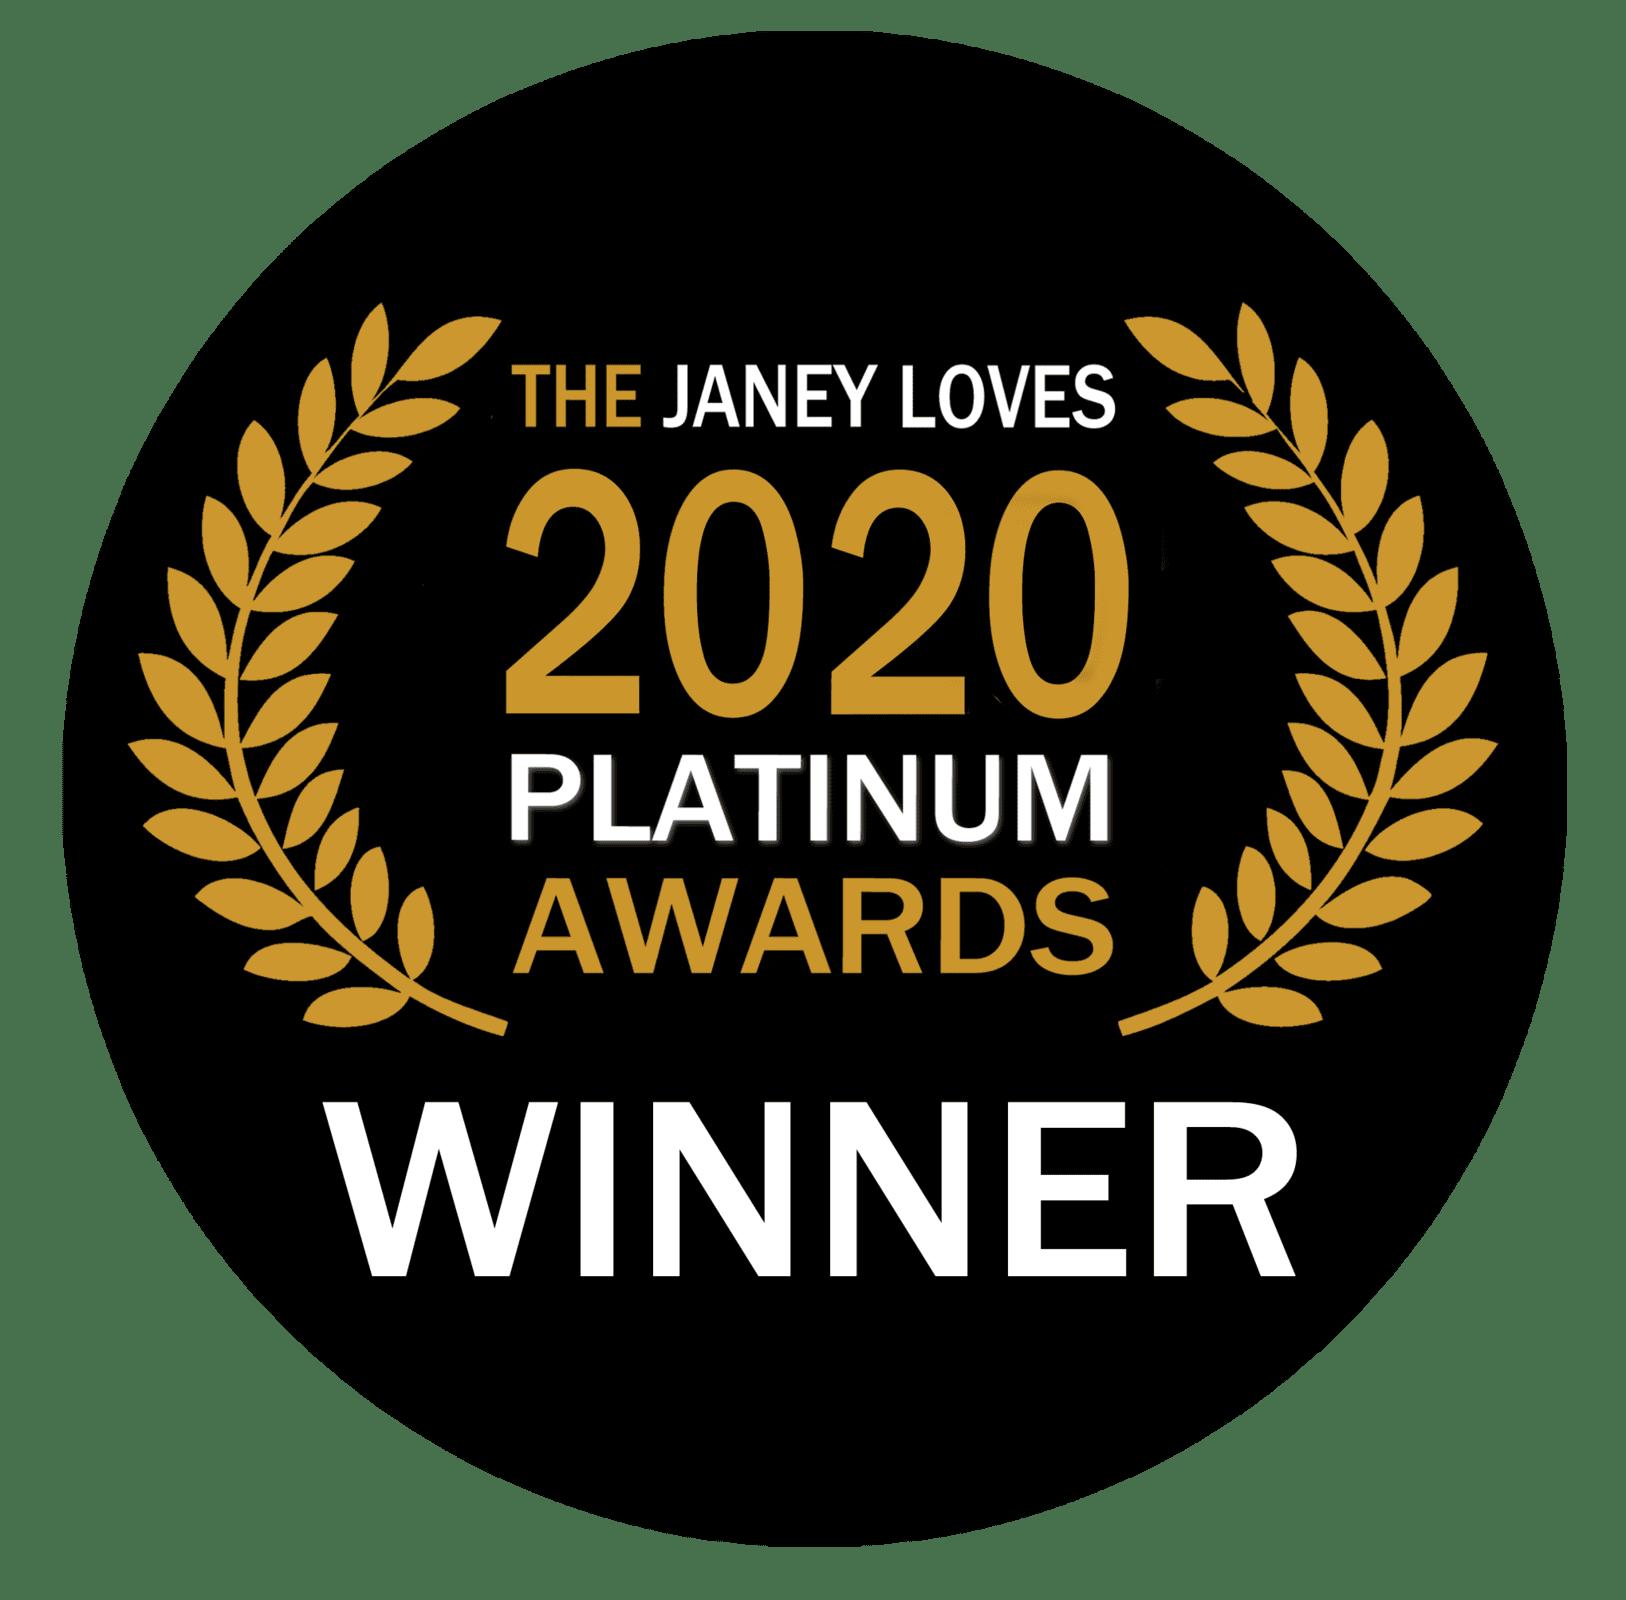 2020 WINNER badge